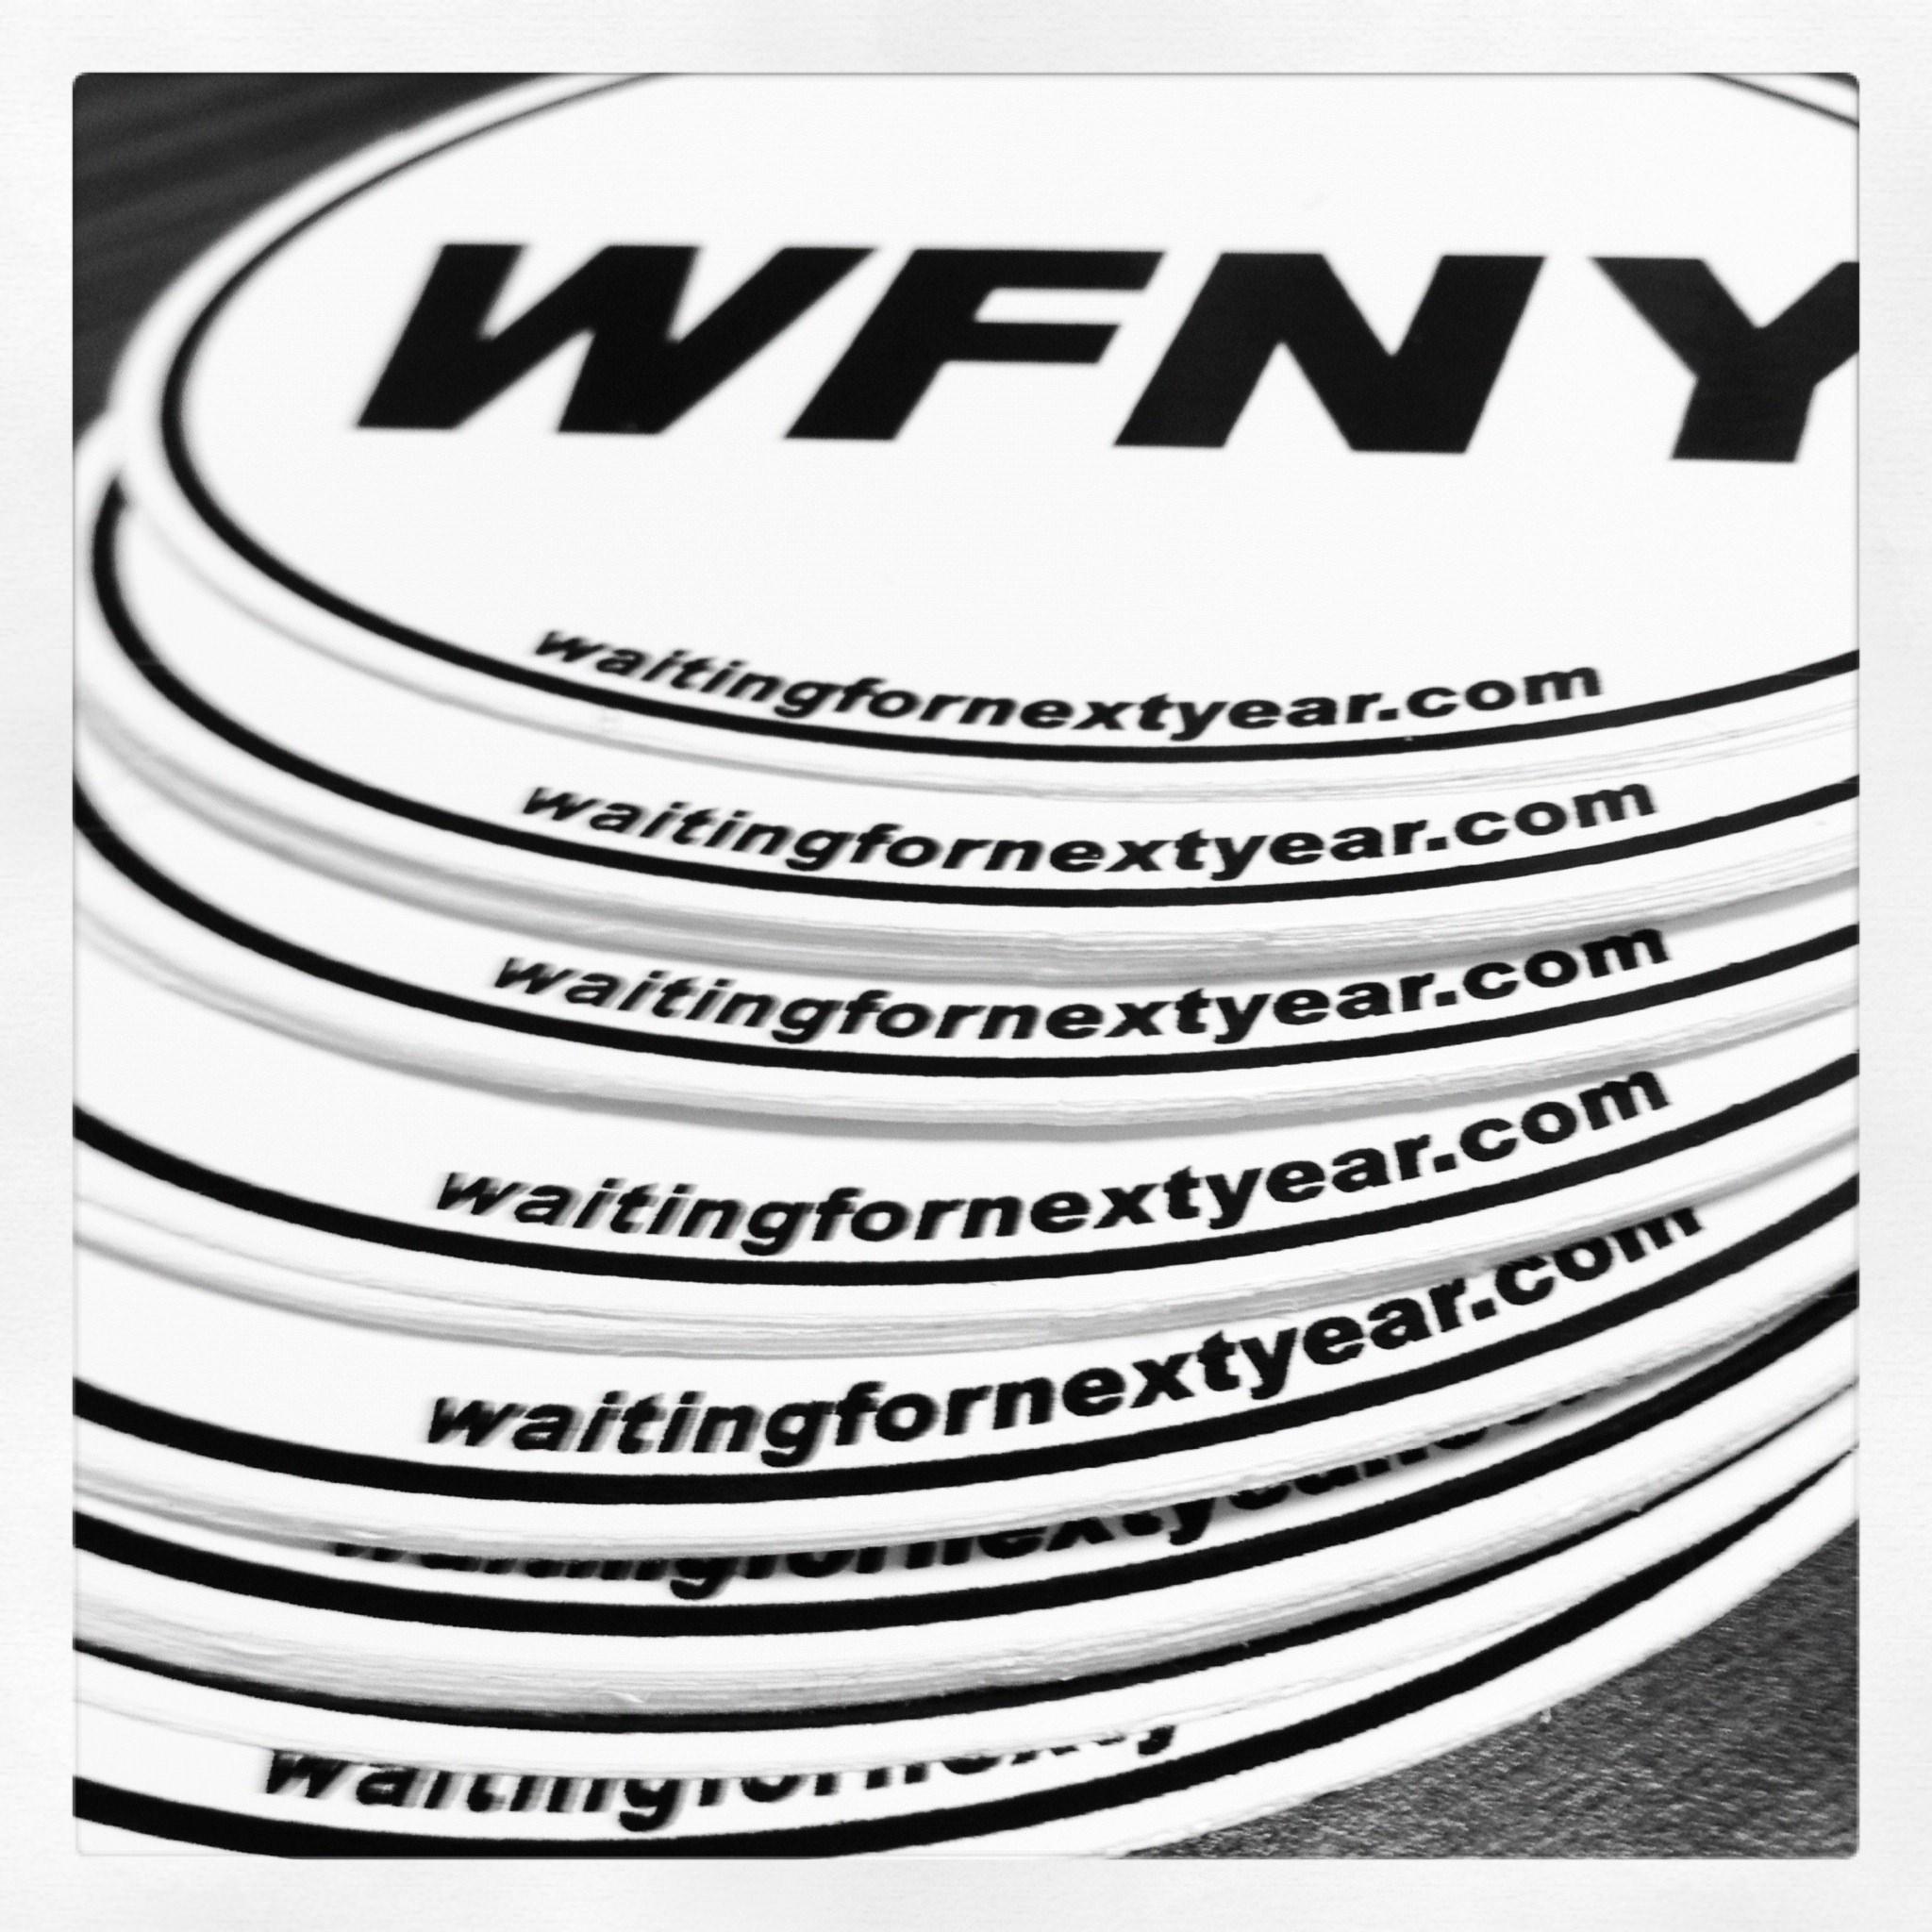 WFNY stickers